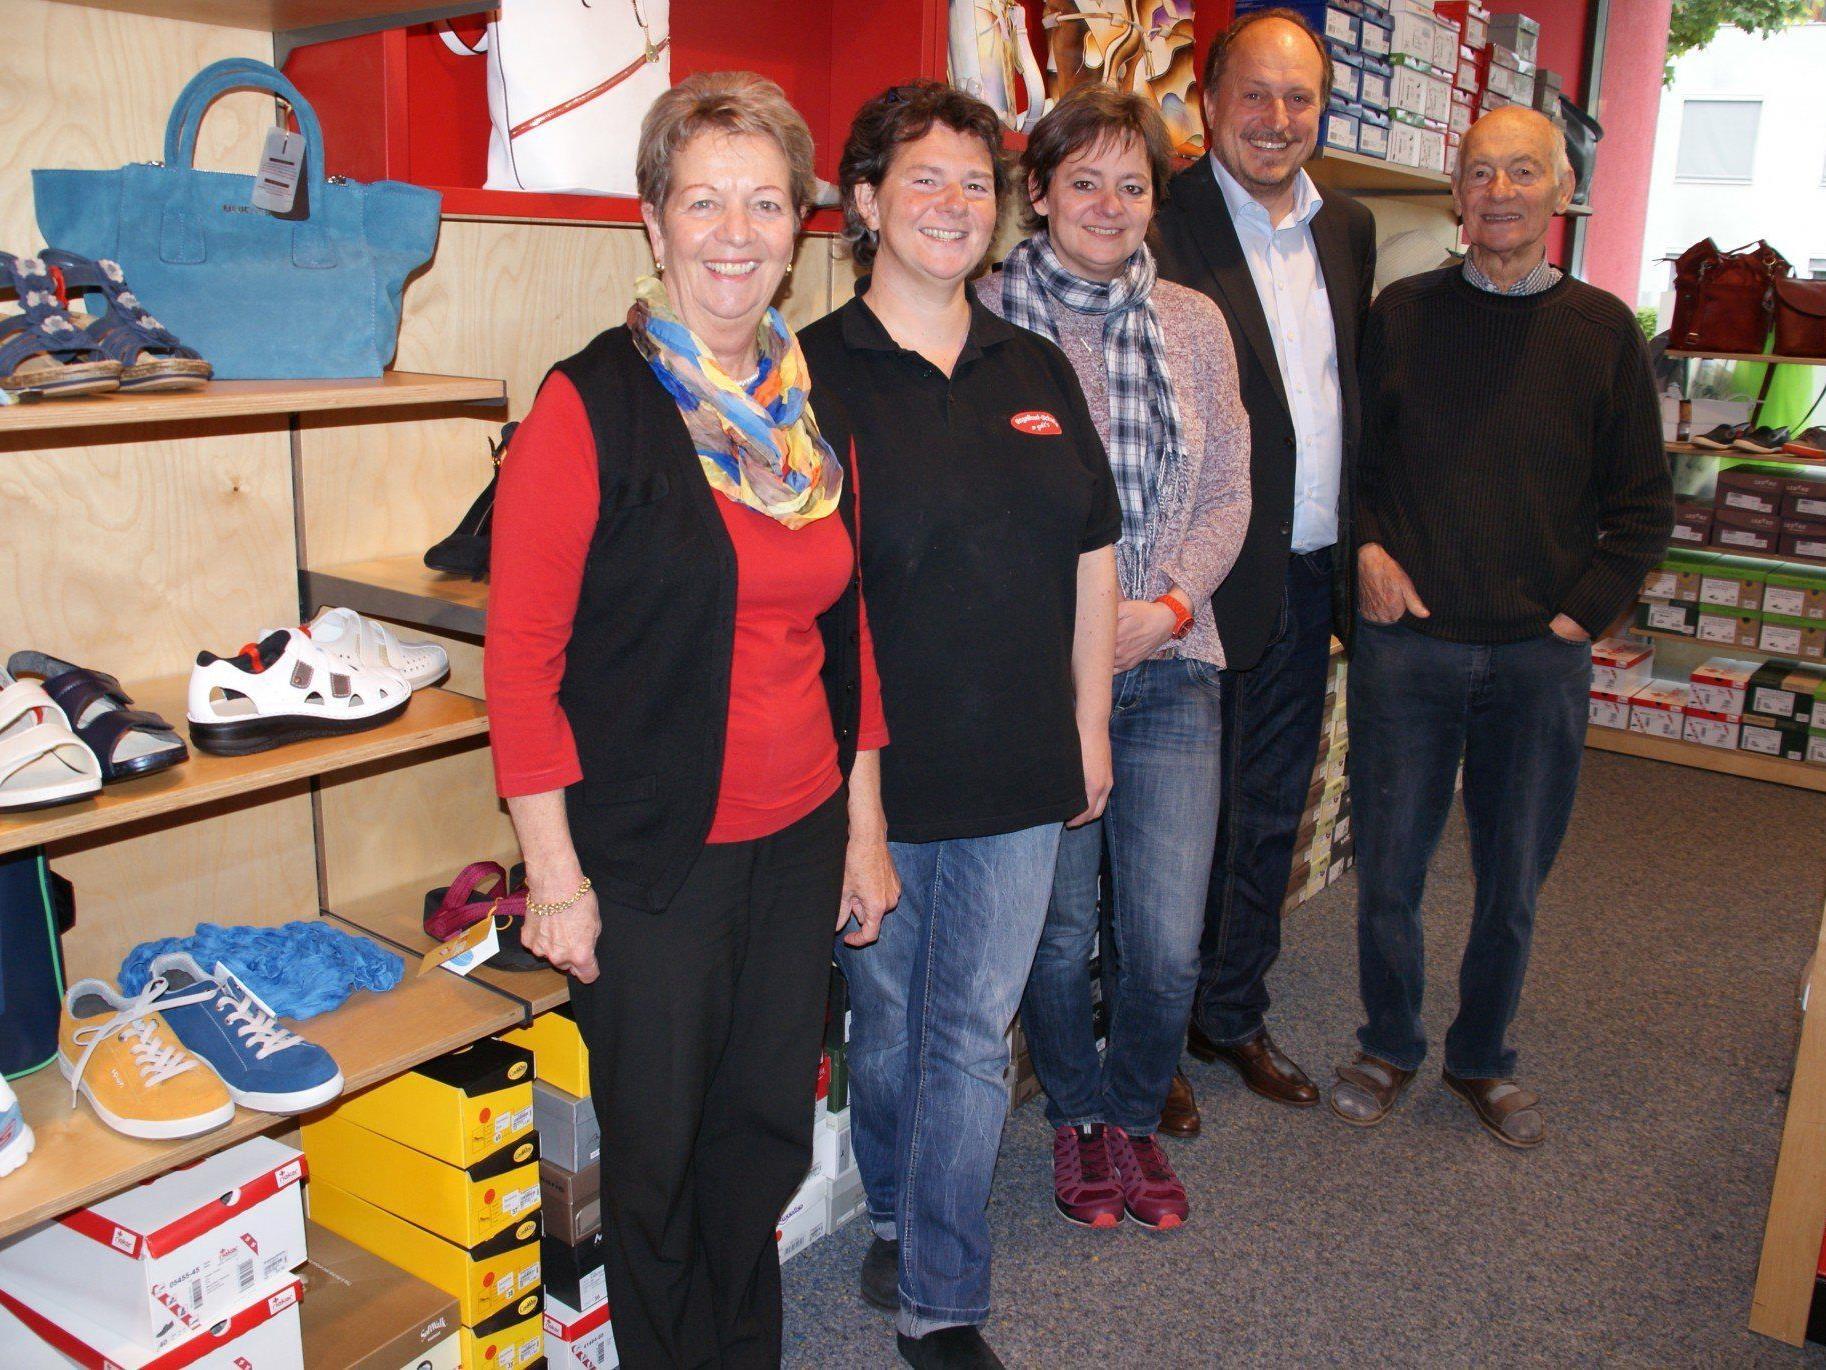 Bekanntschaften in Hrbranz - Partnersuche & Kontakte